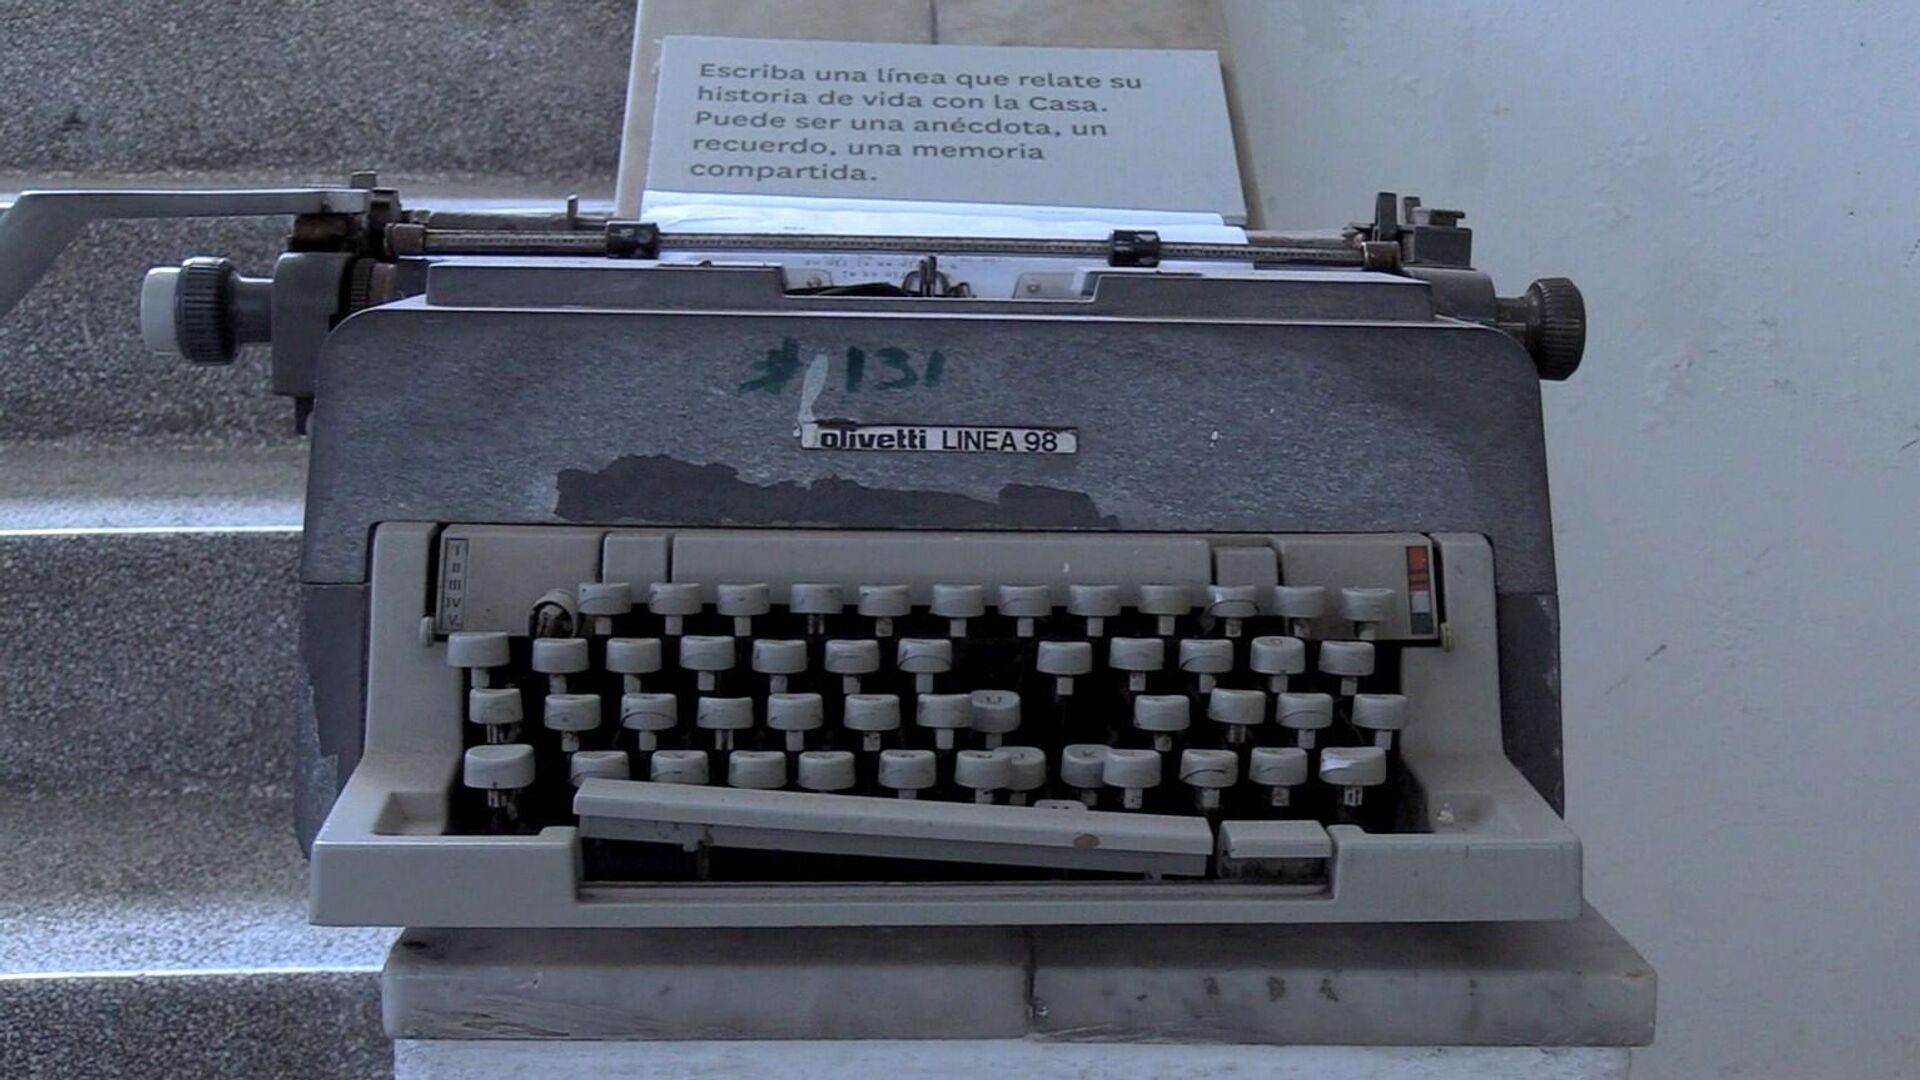 Una de las máquinas de escribir utilizadas en la Casa en años anteriores - Sputnik Mundo, 1920, 06.04.2021